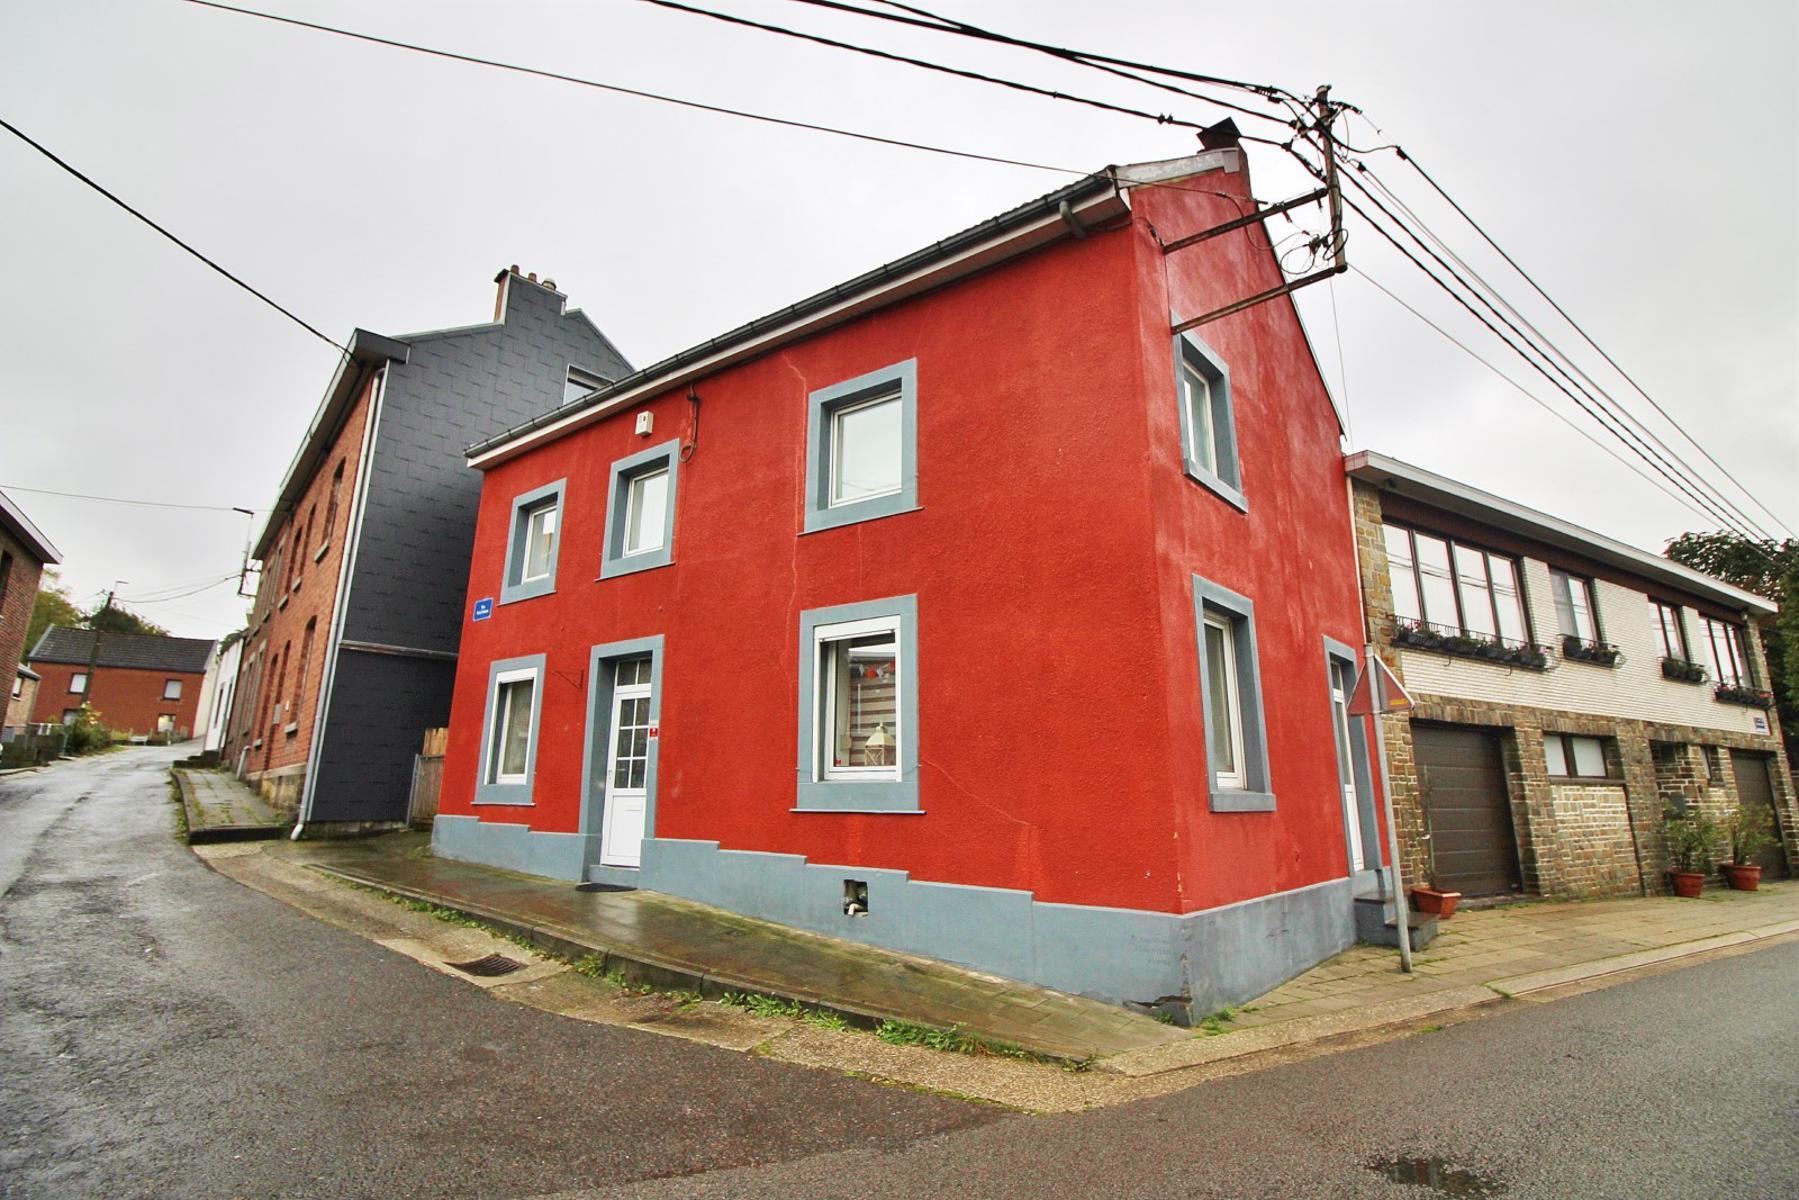 Maison - Fléron Romsée - #4537258-19